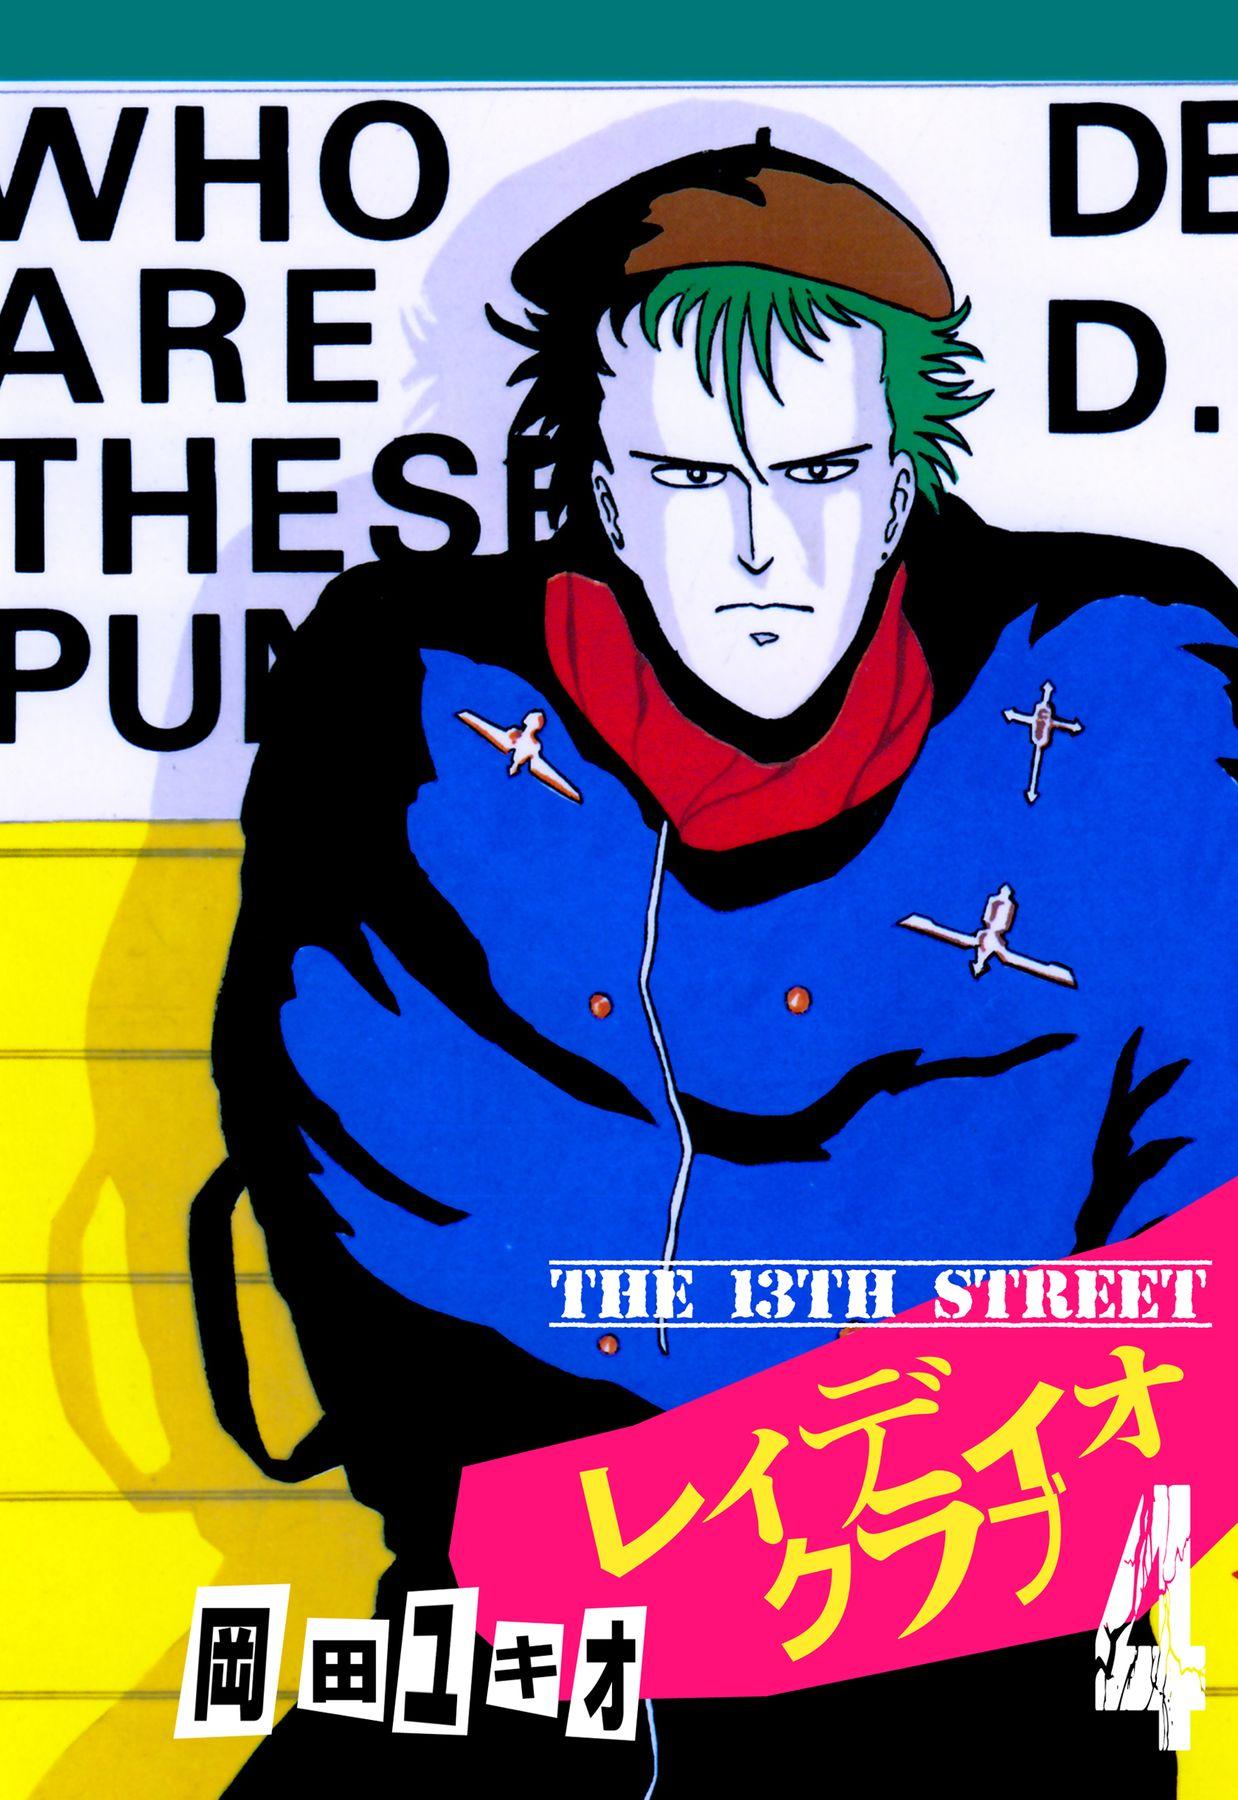 THE 13TH STREET レィディオクラブ(第4巻)